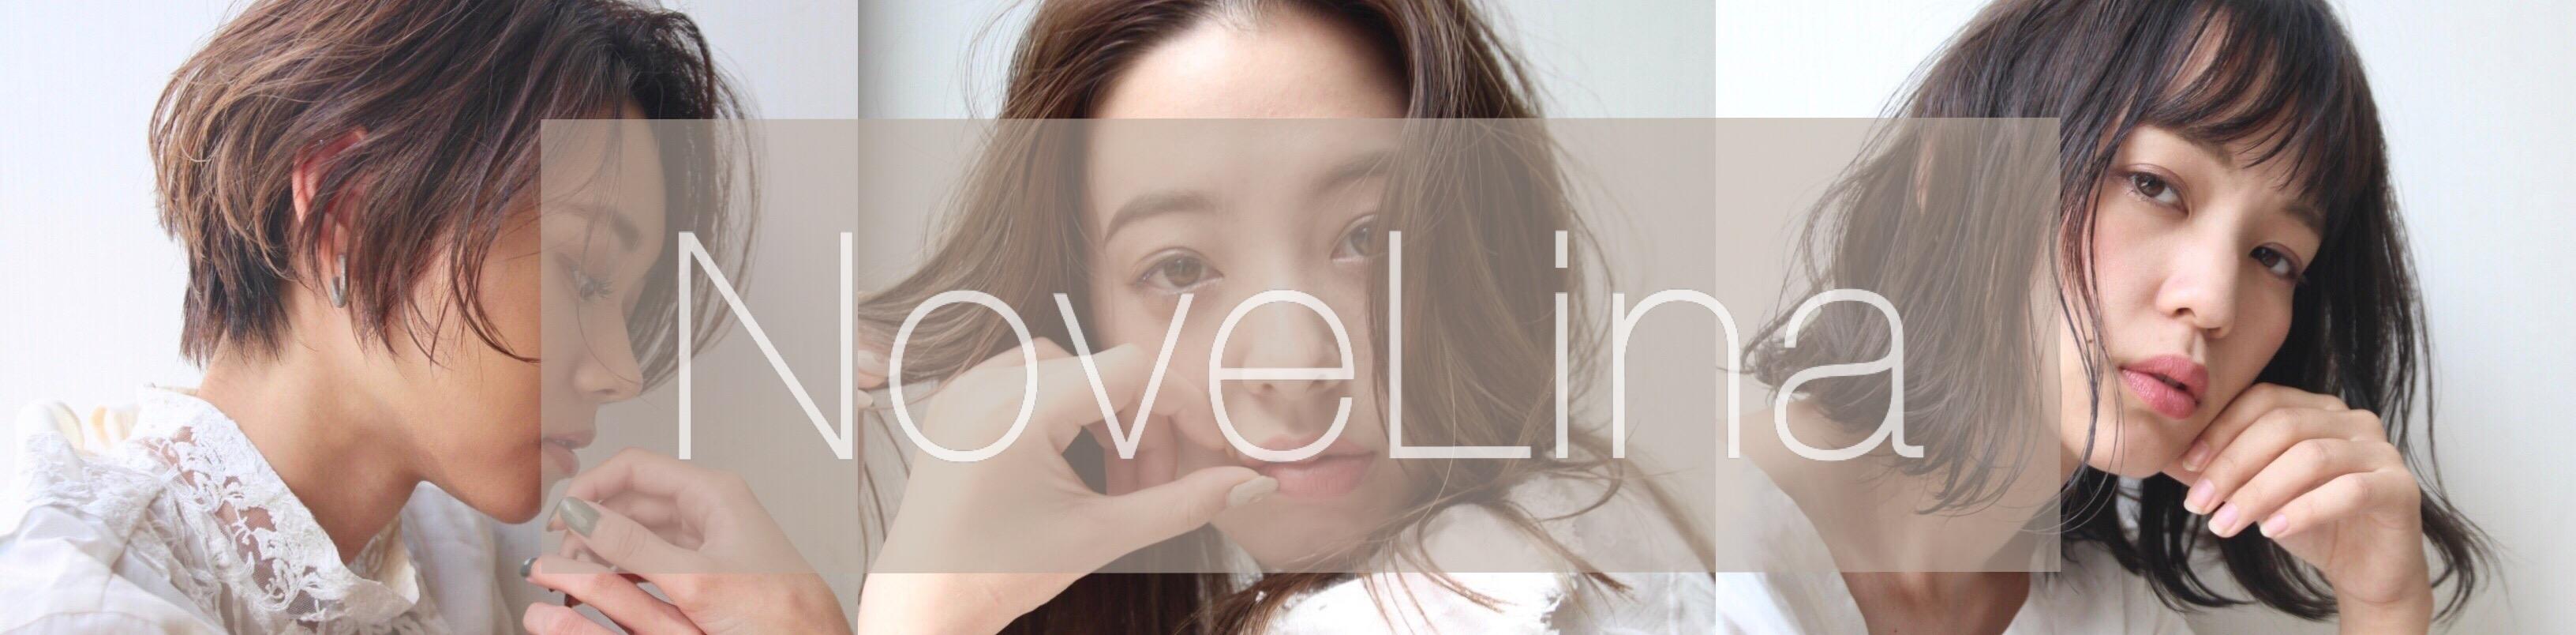 恵比寿の美容室/美容院 Nove Lina オフィシャルホームページ